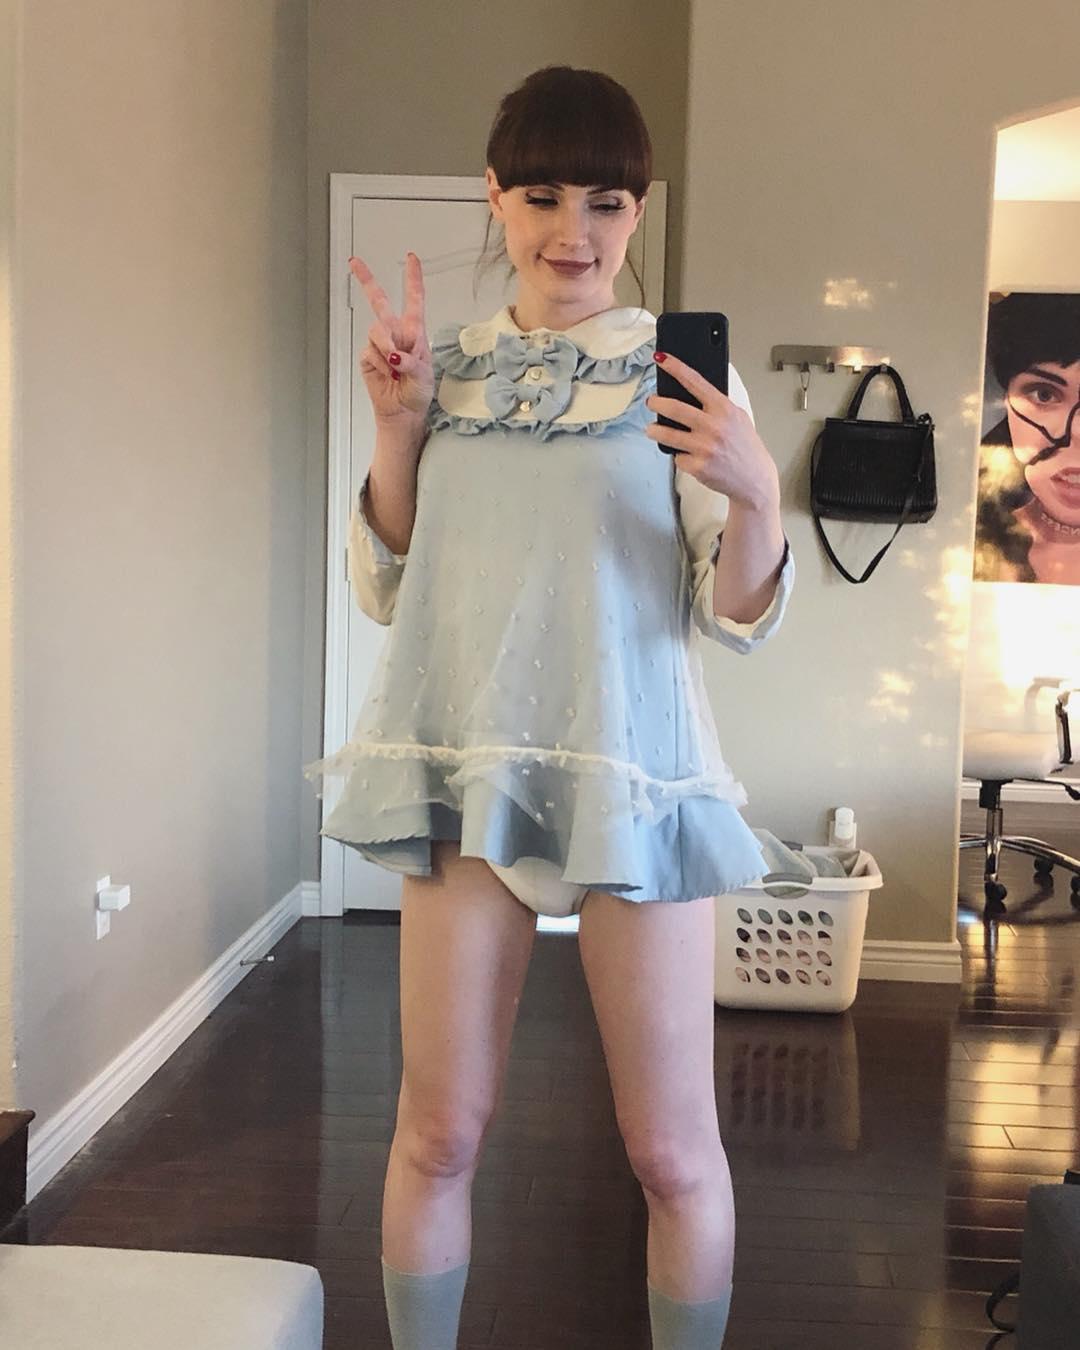 Cutie sissy baby Natalie Mars